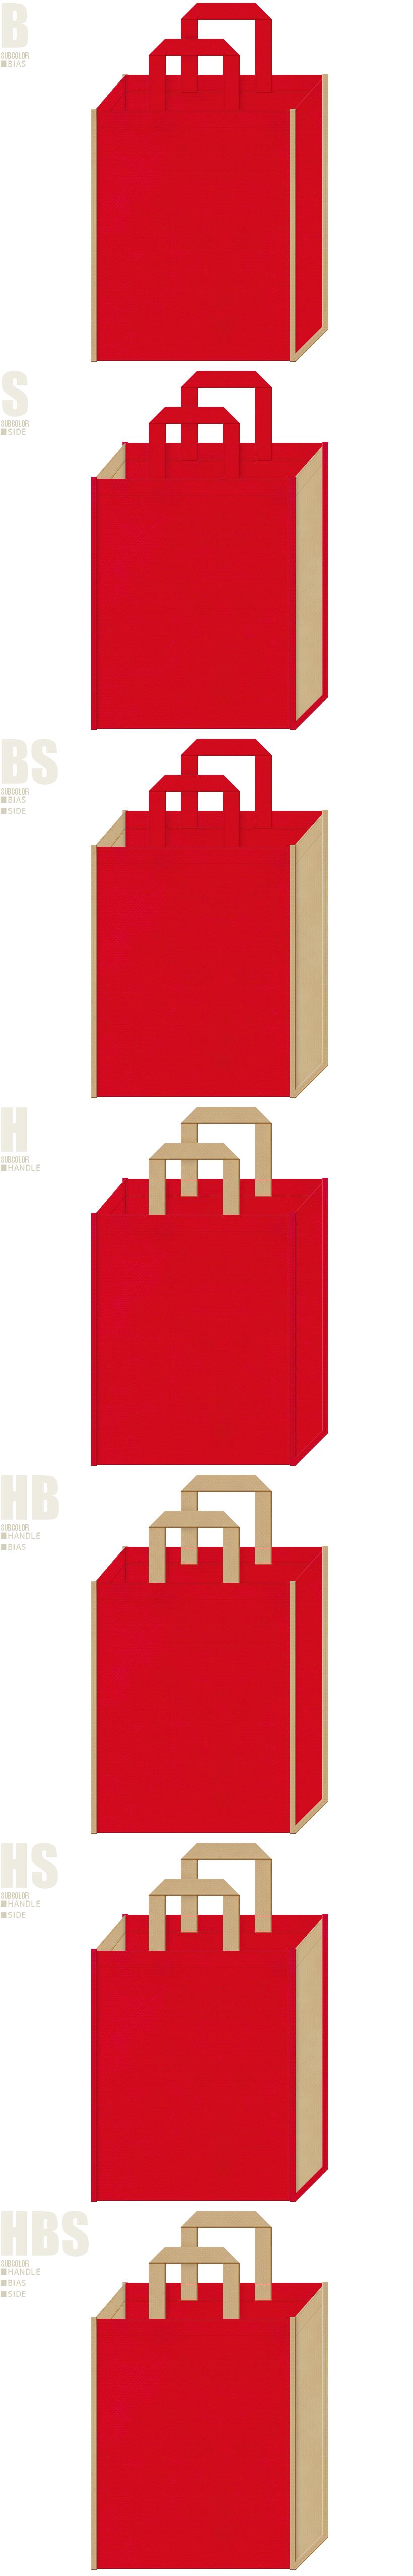 赤鬼・節分・大豆・一合枡・野点傘・茶会・お祭り・和風催事にお奨めの不織布バッグデザイン:紅色とカーキ色の配色7パターン